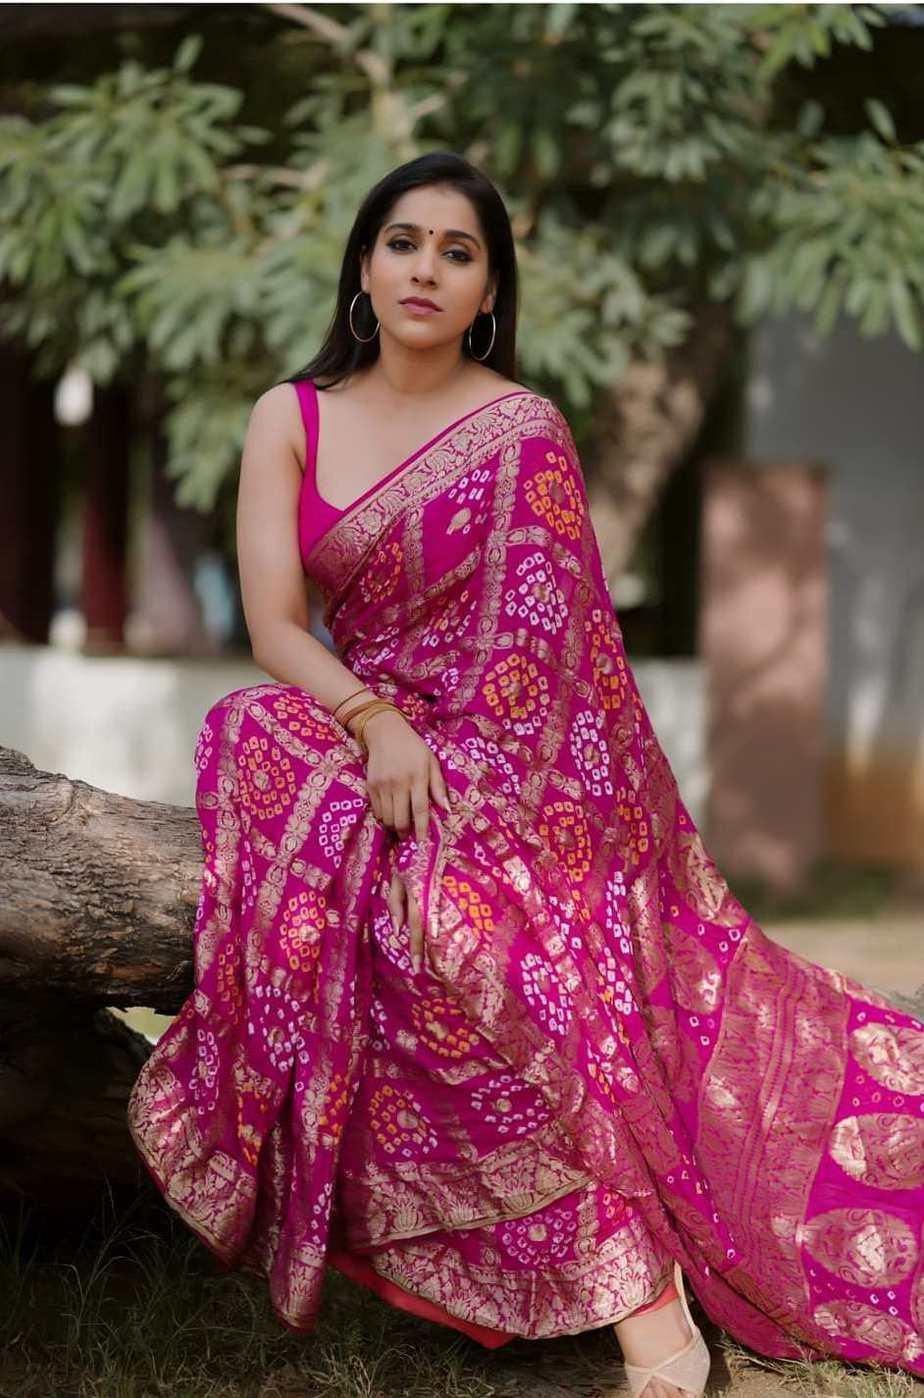 Rashmi gautam in a pink bandhej saree by anvitha